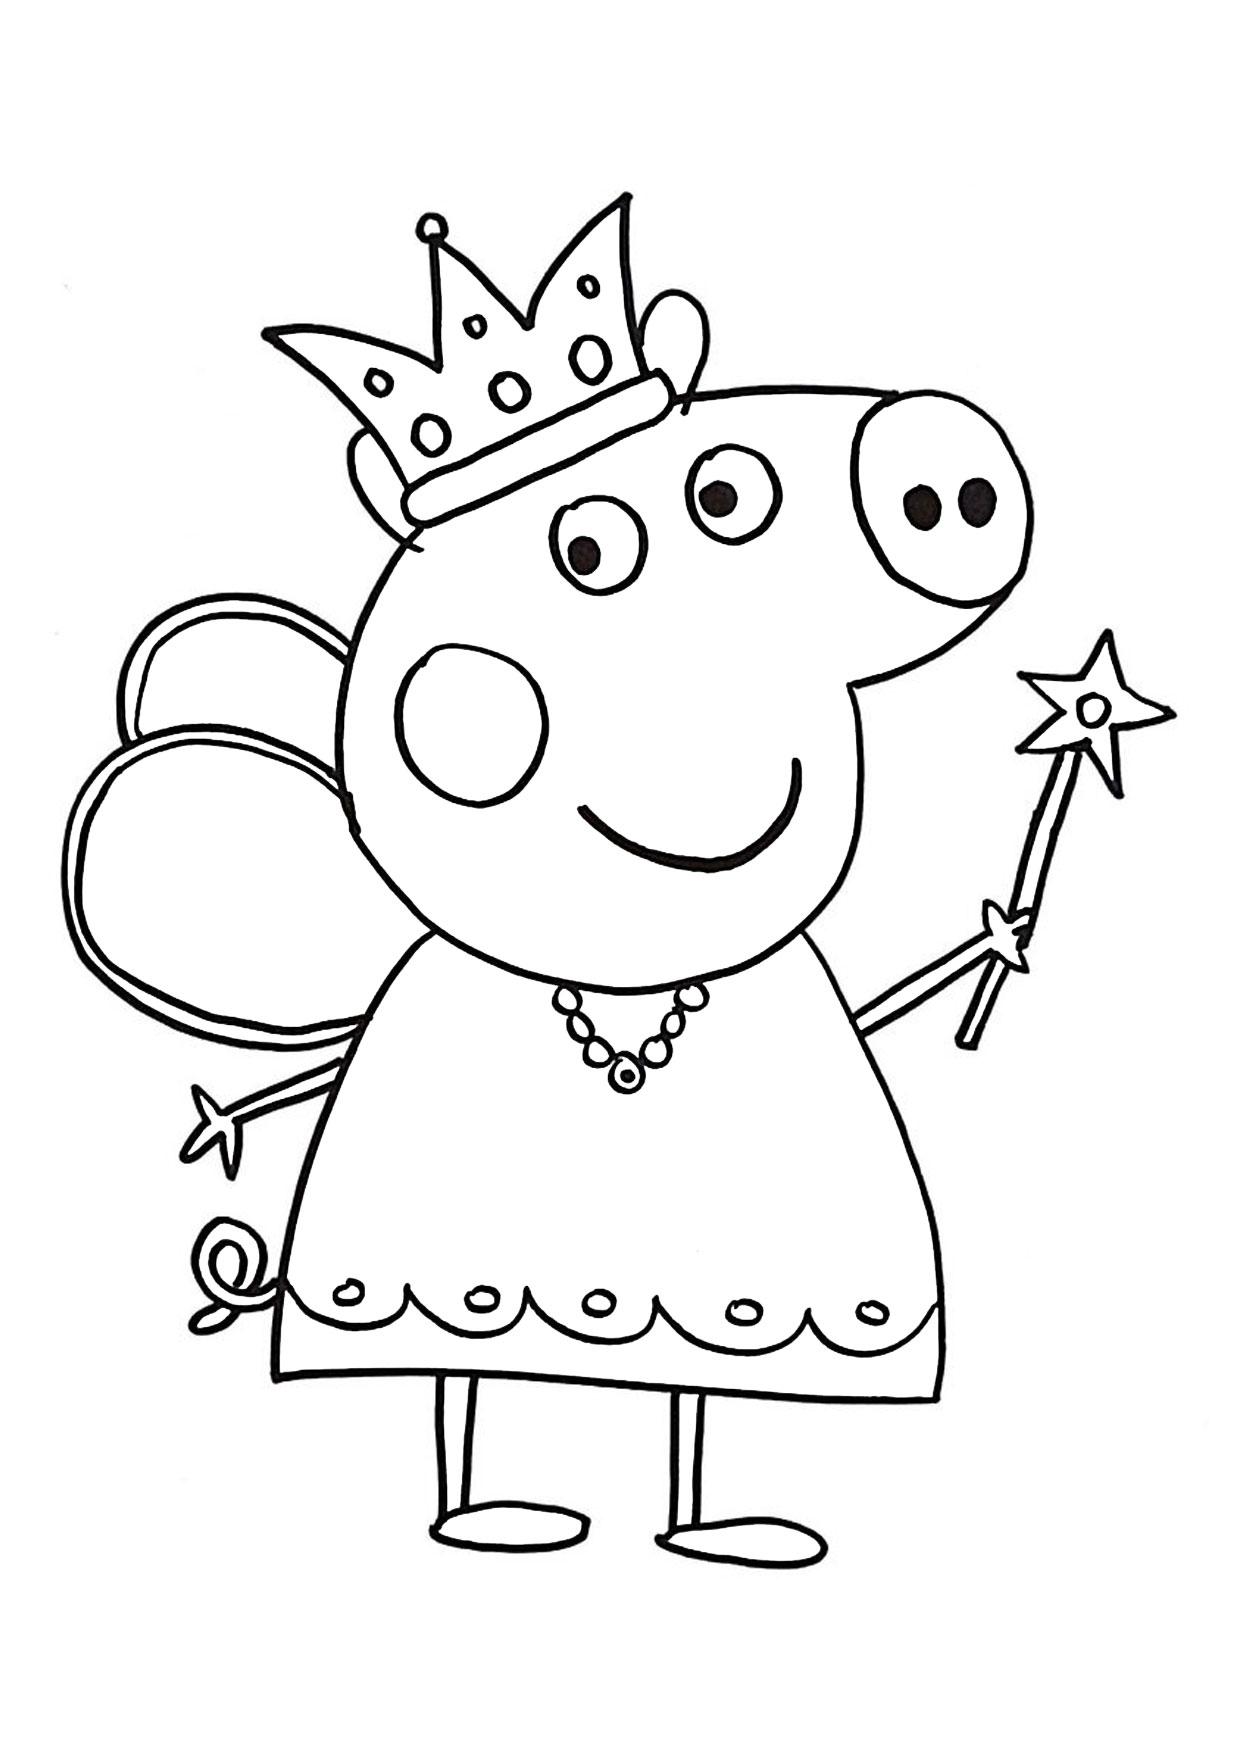 Disegni da colorare peppa pig formato a4 pagina for Maschere di peppa pig da colorare